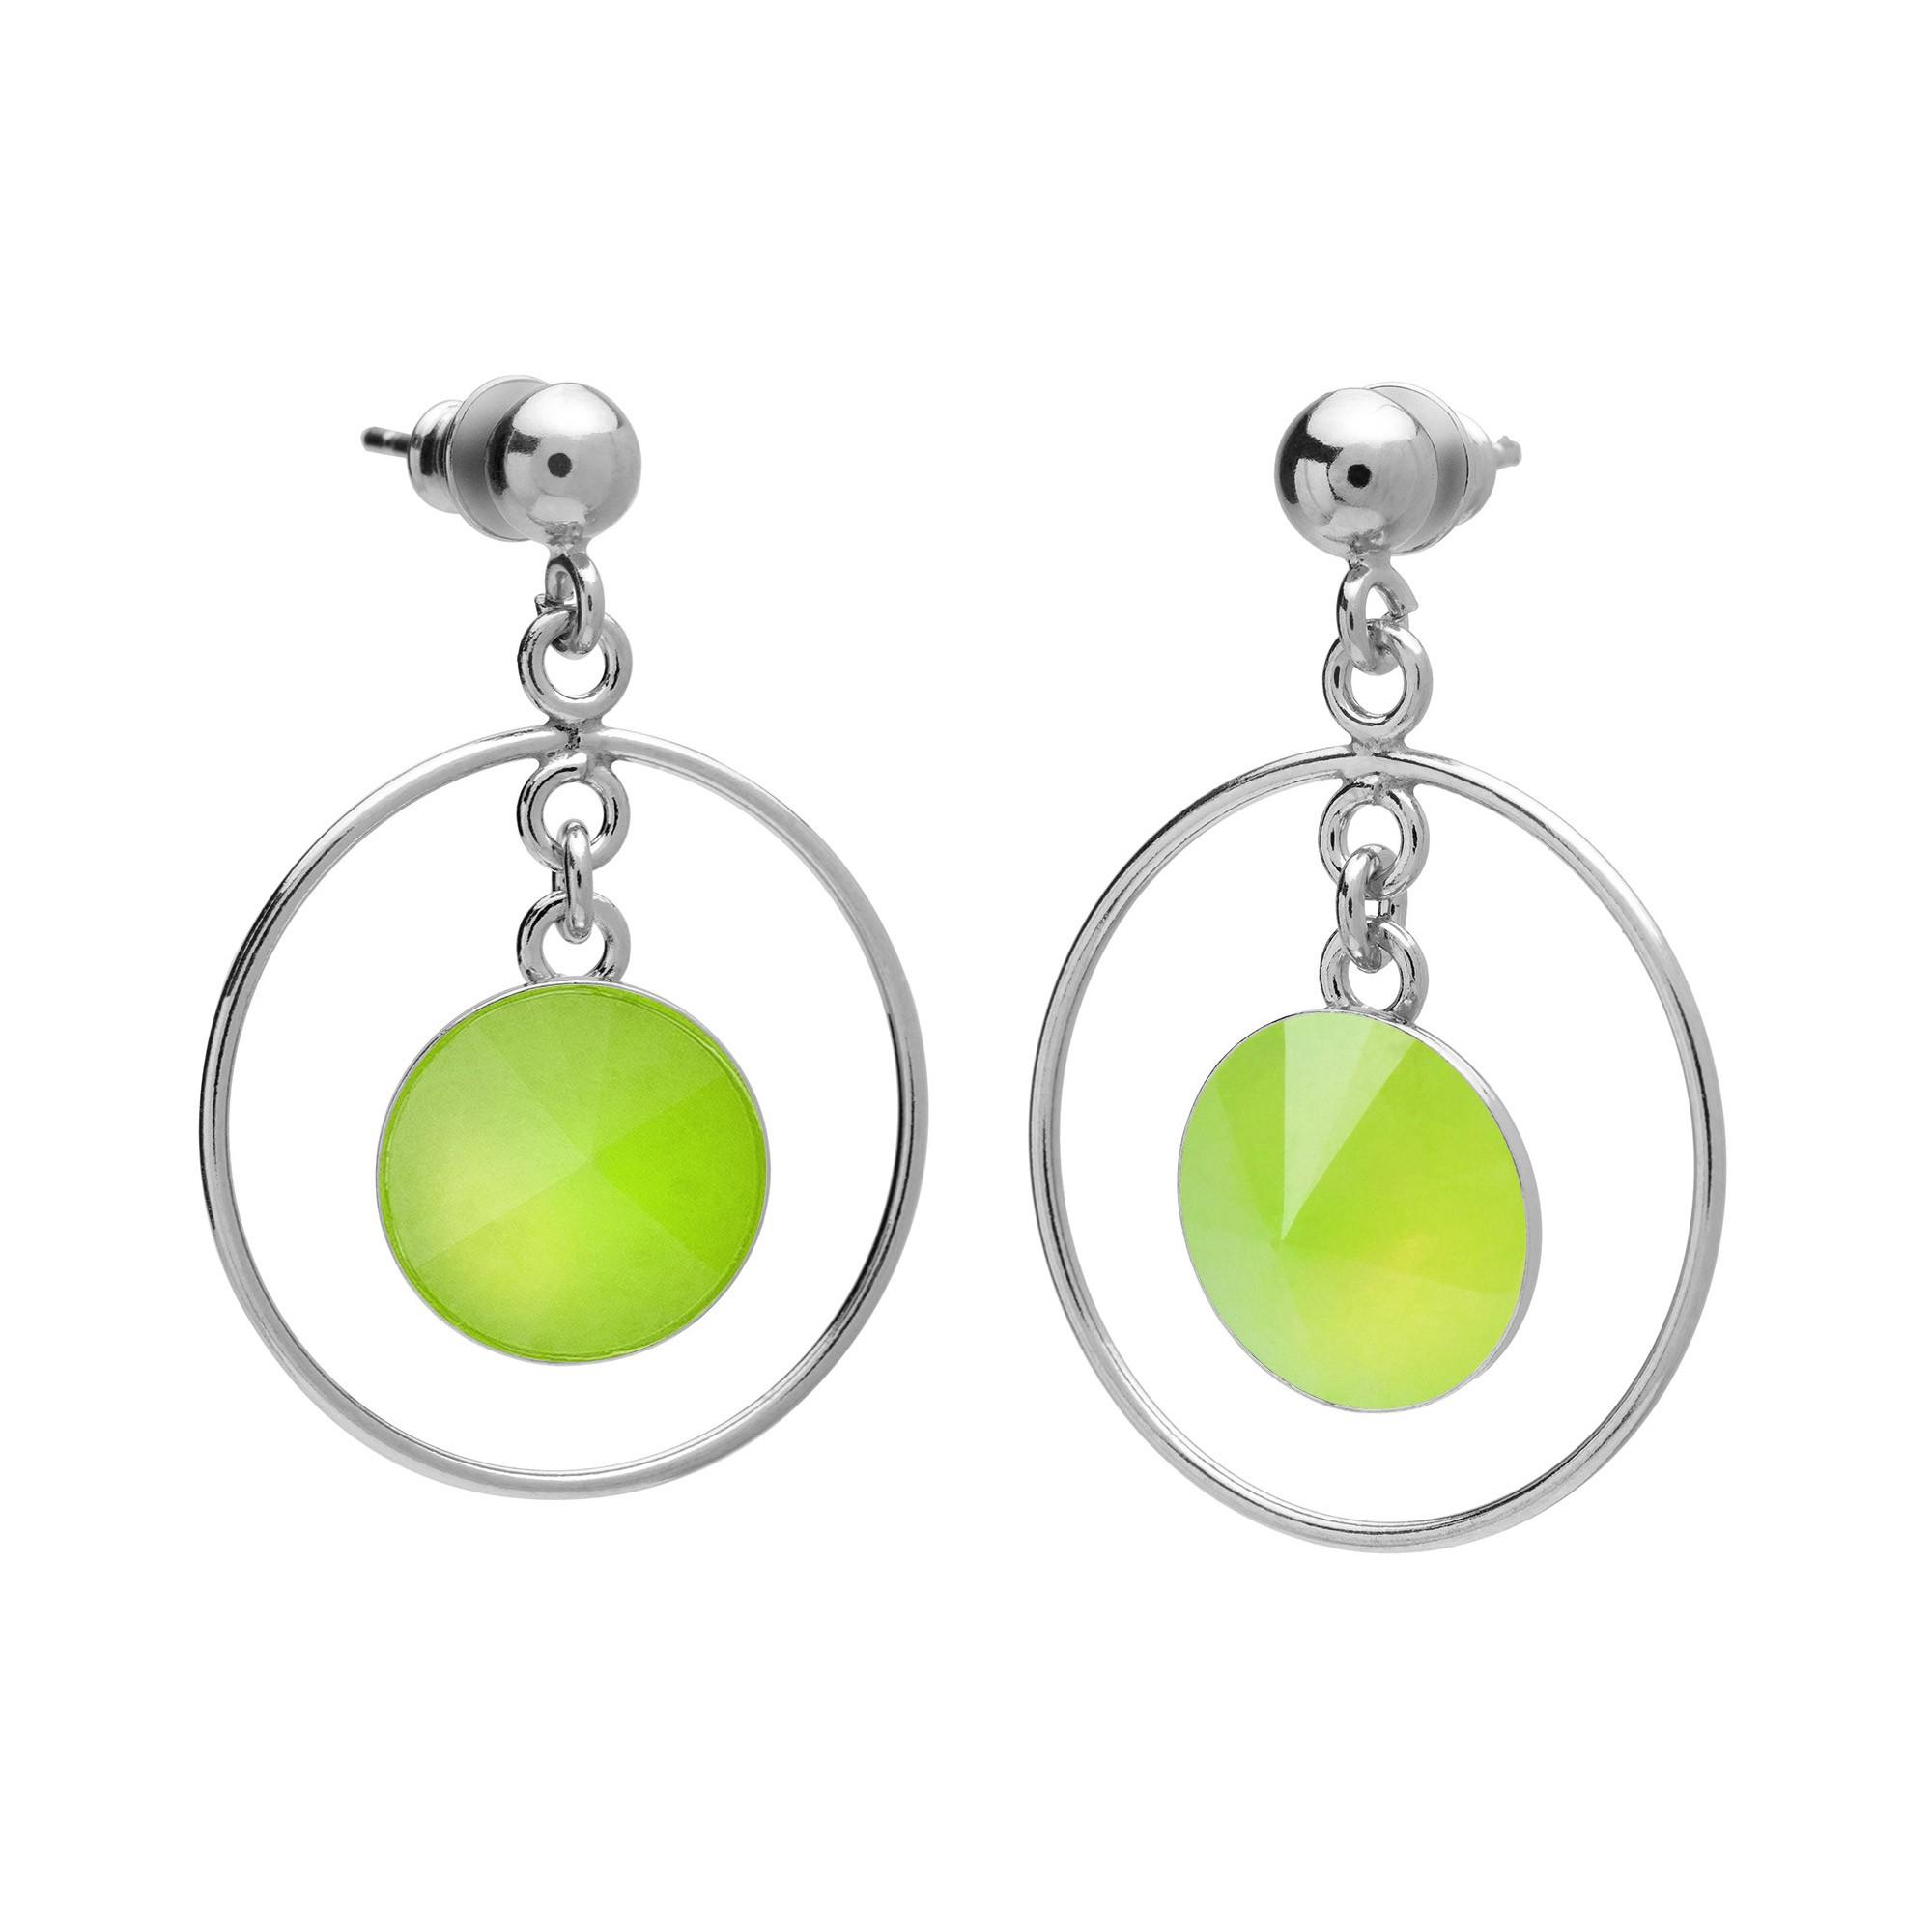 Okrągłe kolczyki z naturalnym kamieniem, chryzopraz jasny zielony, srebro 925